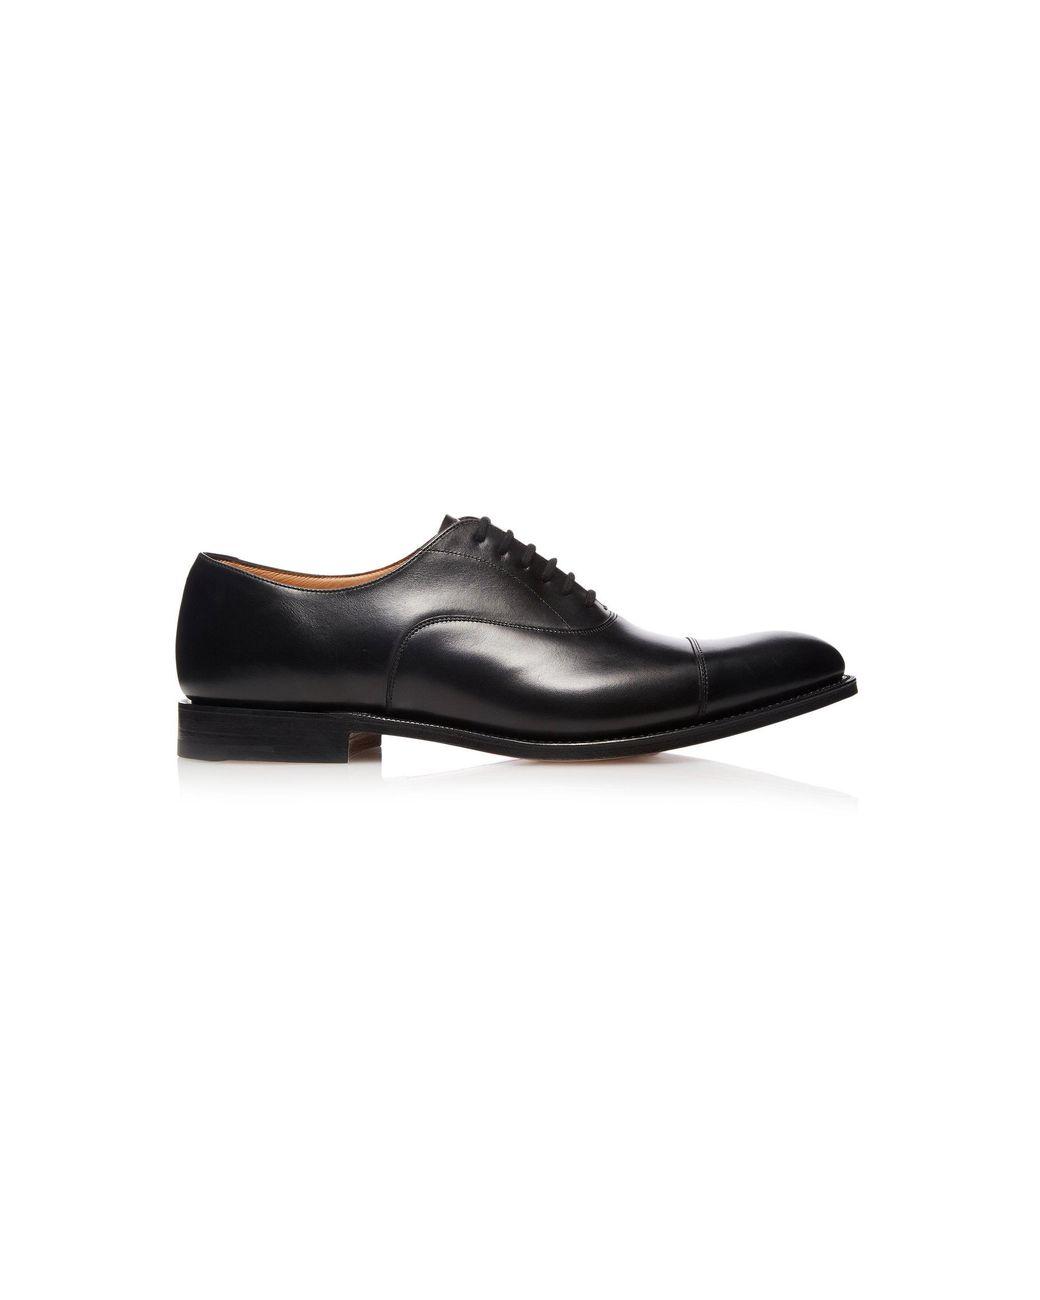 28de1f903da Lyst - Church s Dubai Leather Oxfords in Black for Men